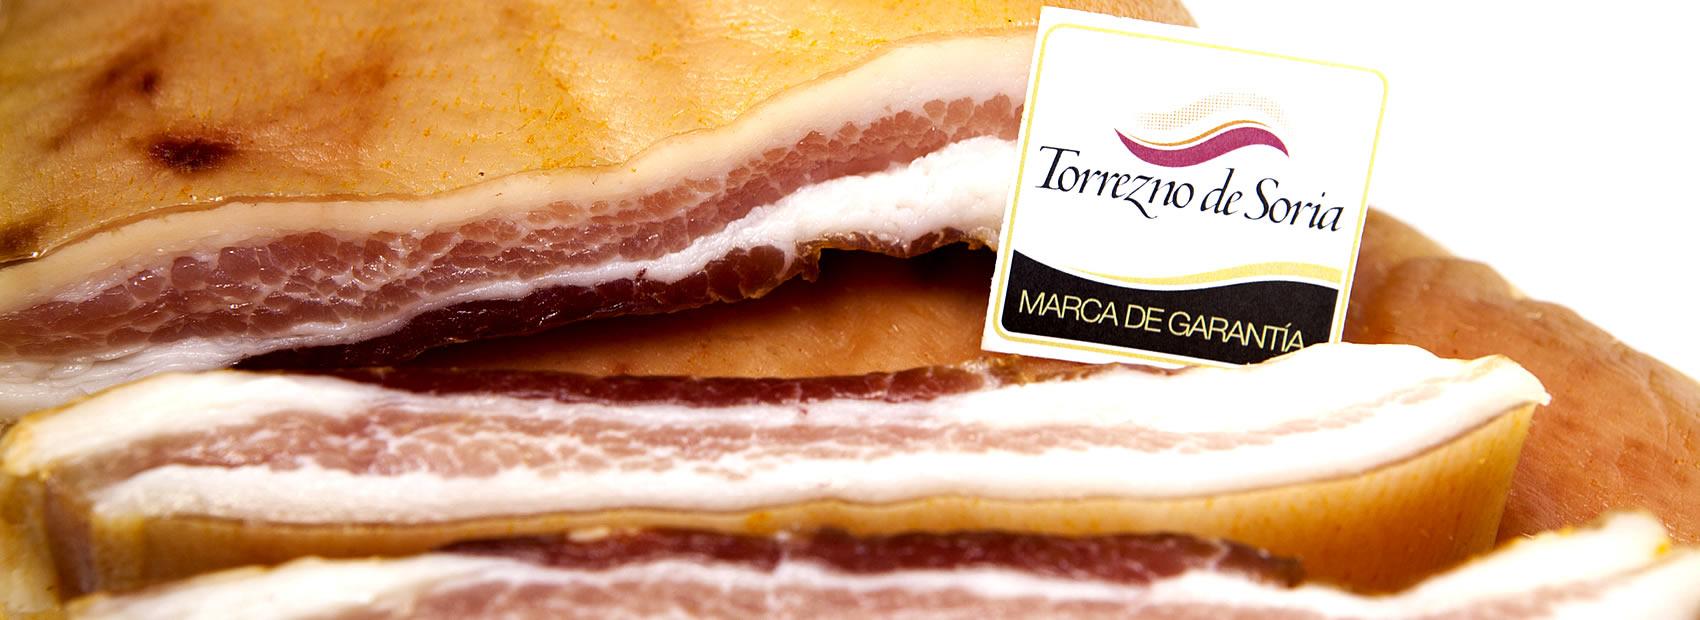 El Torrezno de Soria sigue batiendo records.